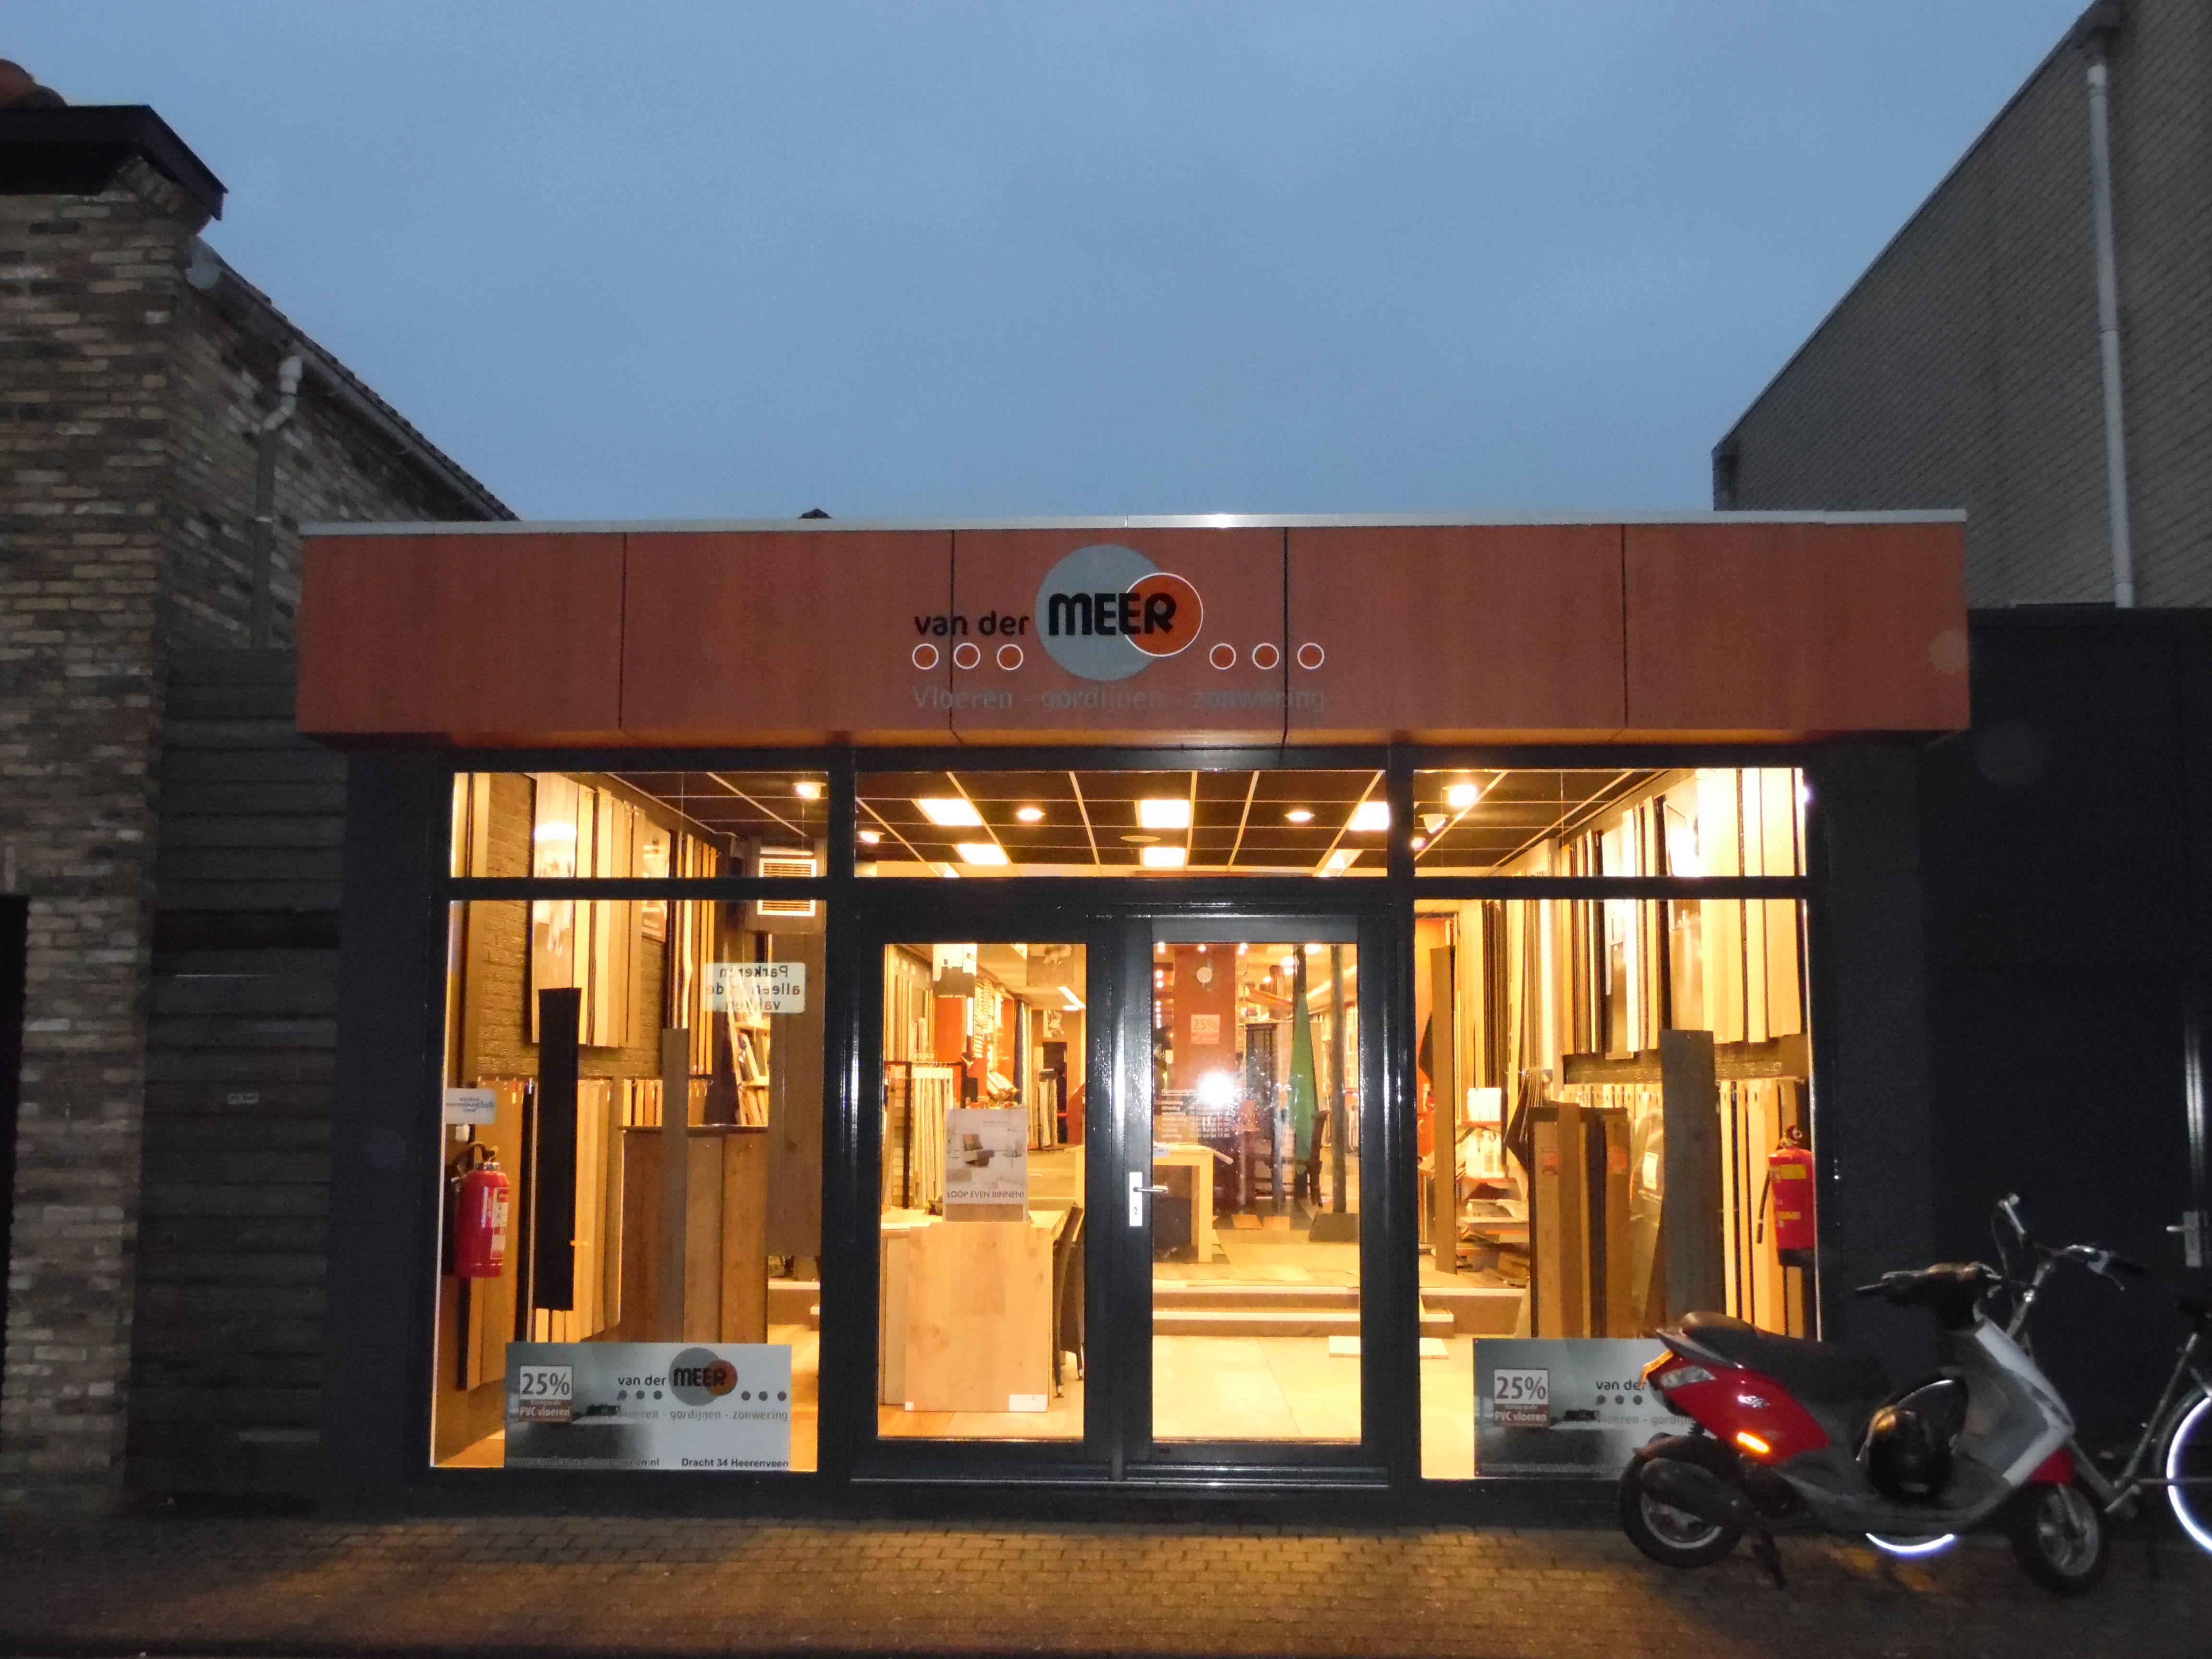 Pin by Proreclame Heerenveen on Buitenreclame | Pinterest